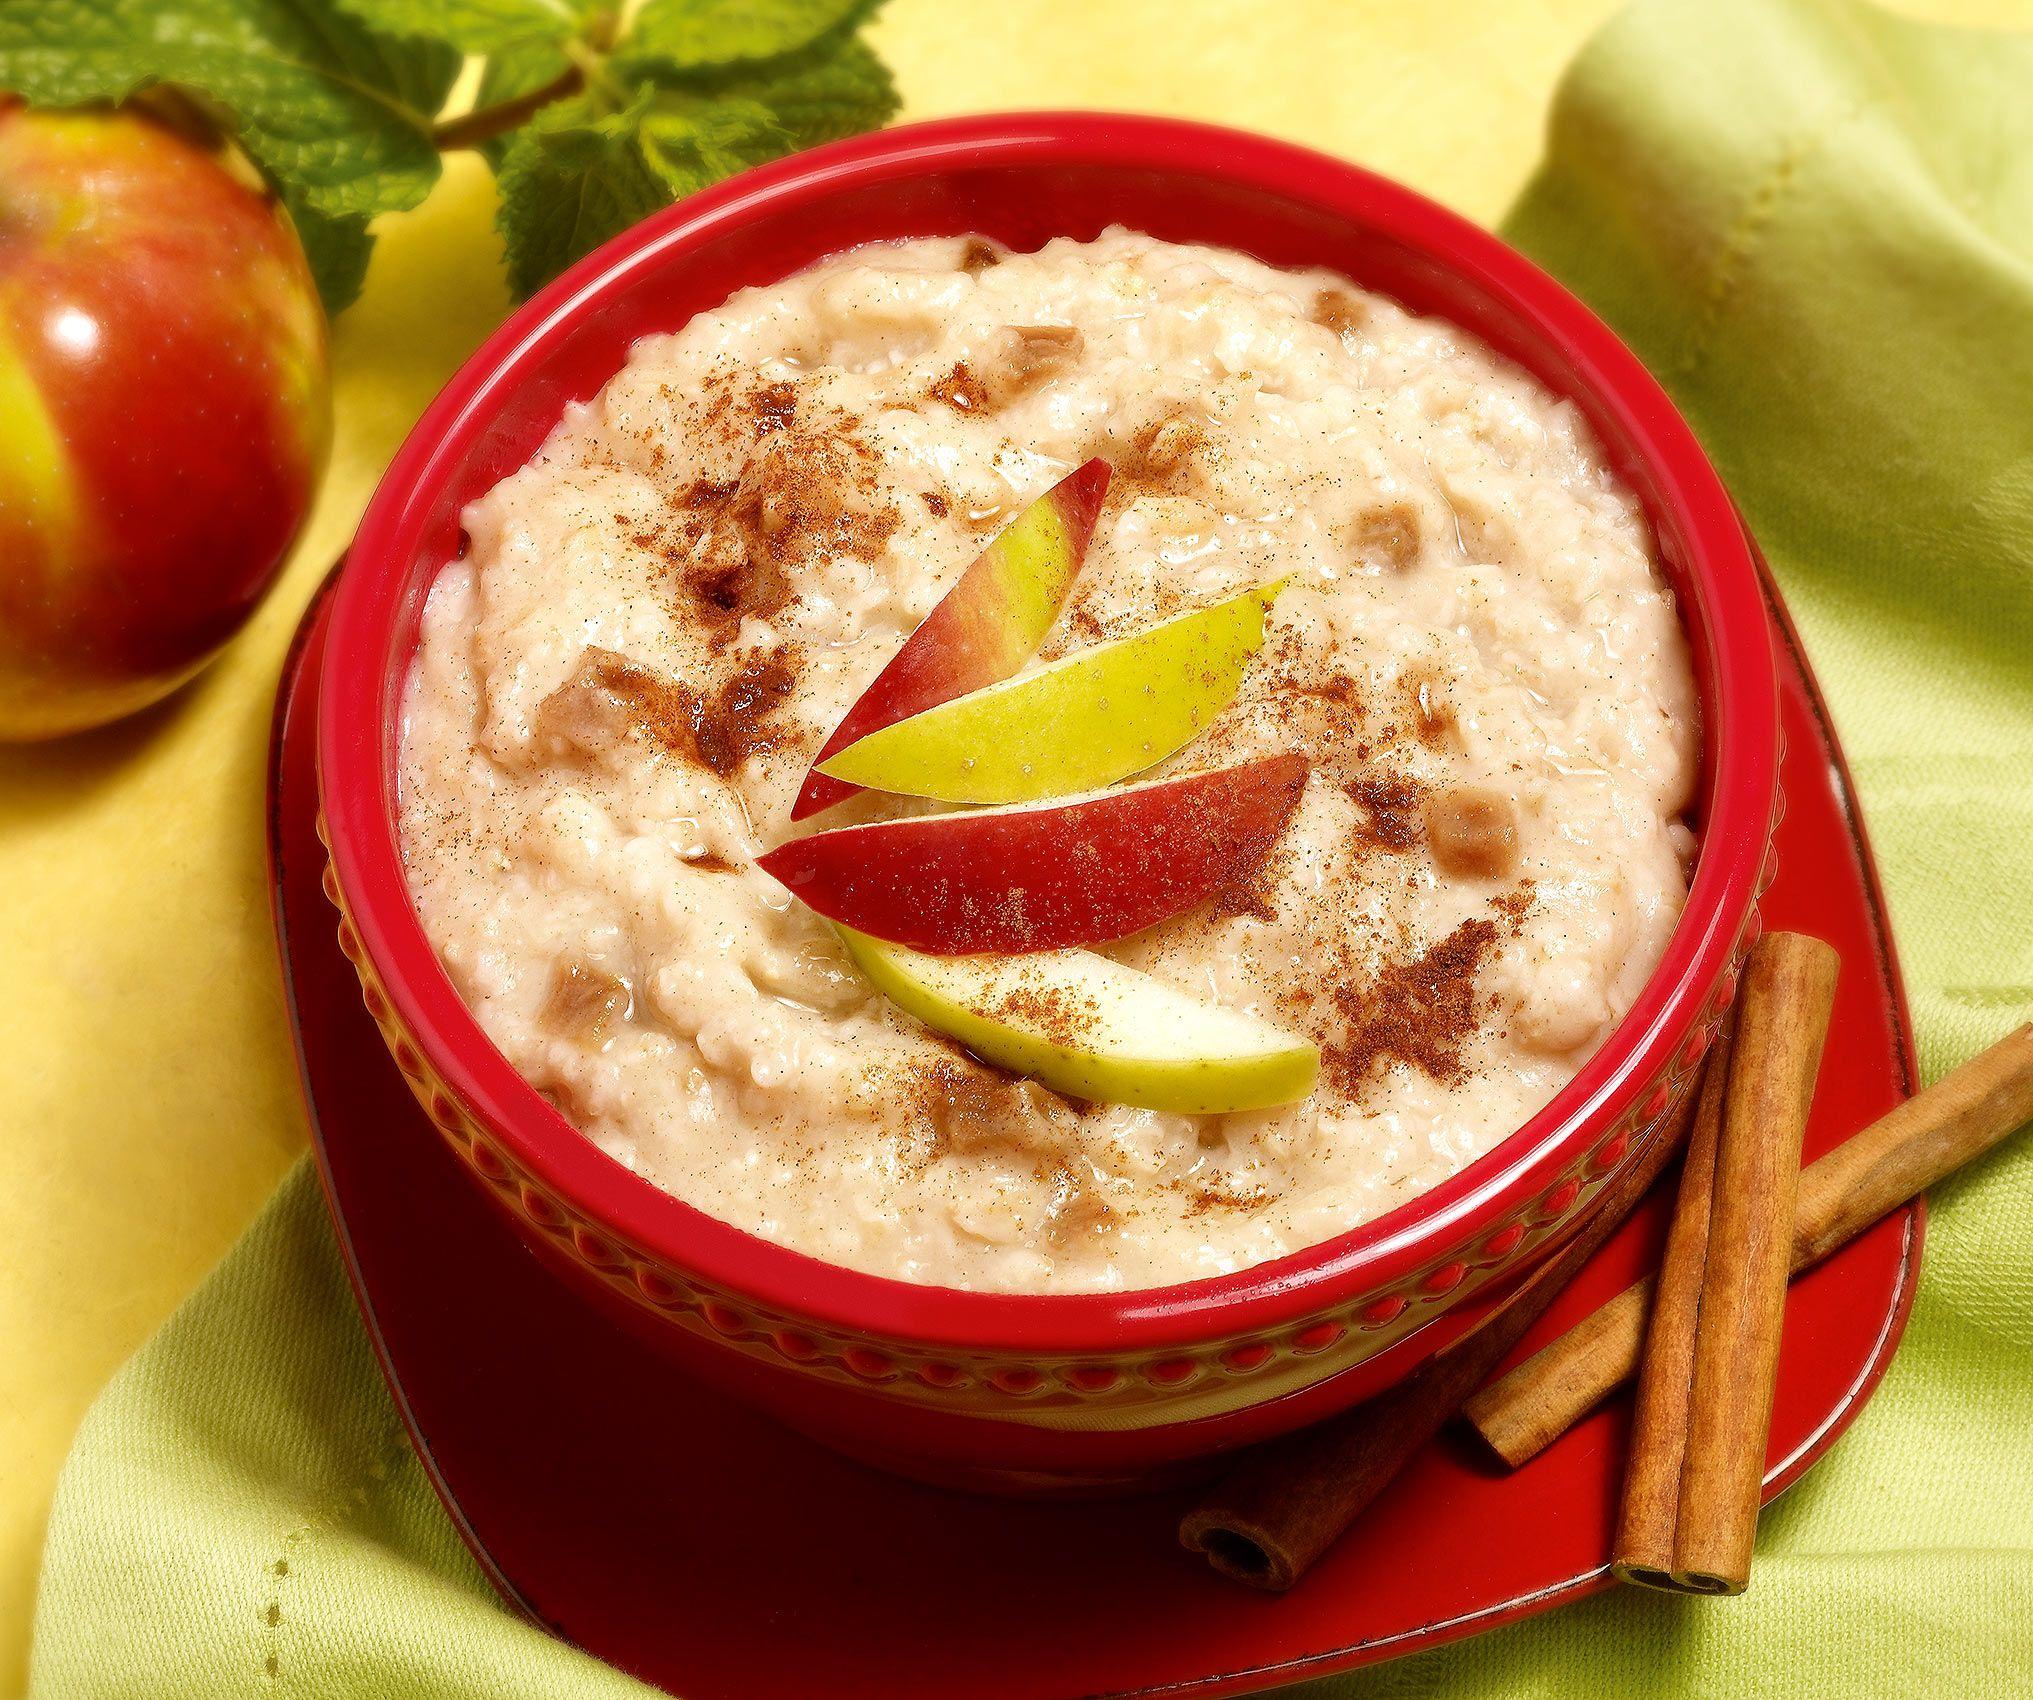 inet-oatmean-cinn-1.jpg